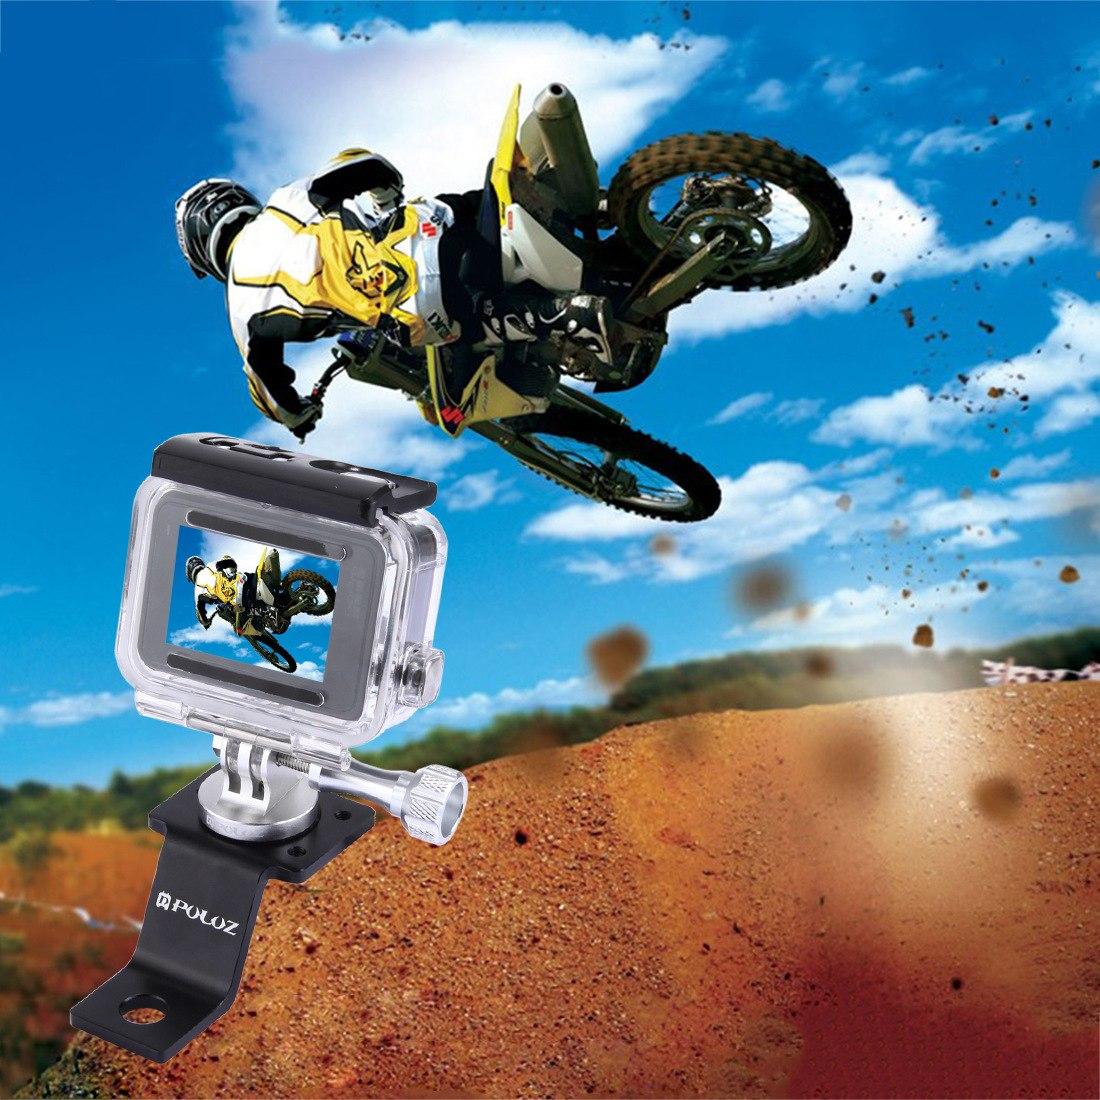 오토바이 부품 cnc 알루미늄 합금 백미러 브래킷 모토 마운트베이스 프레임 5 색 백미러 브래킷 홀드 카메라